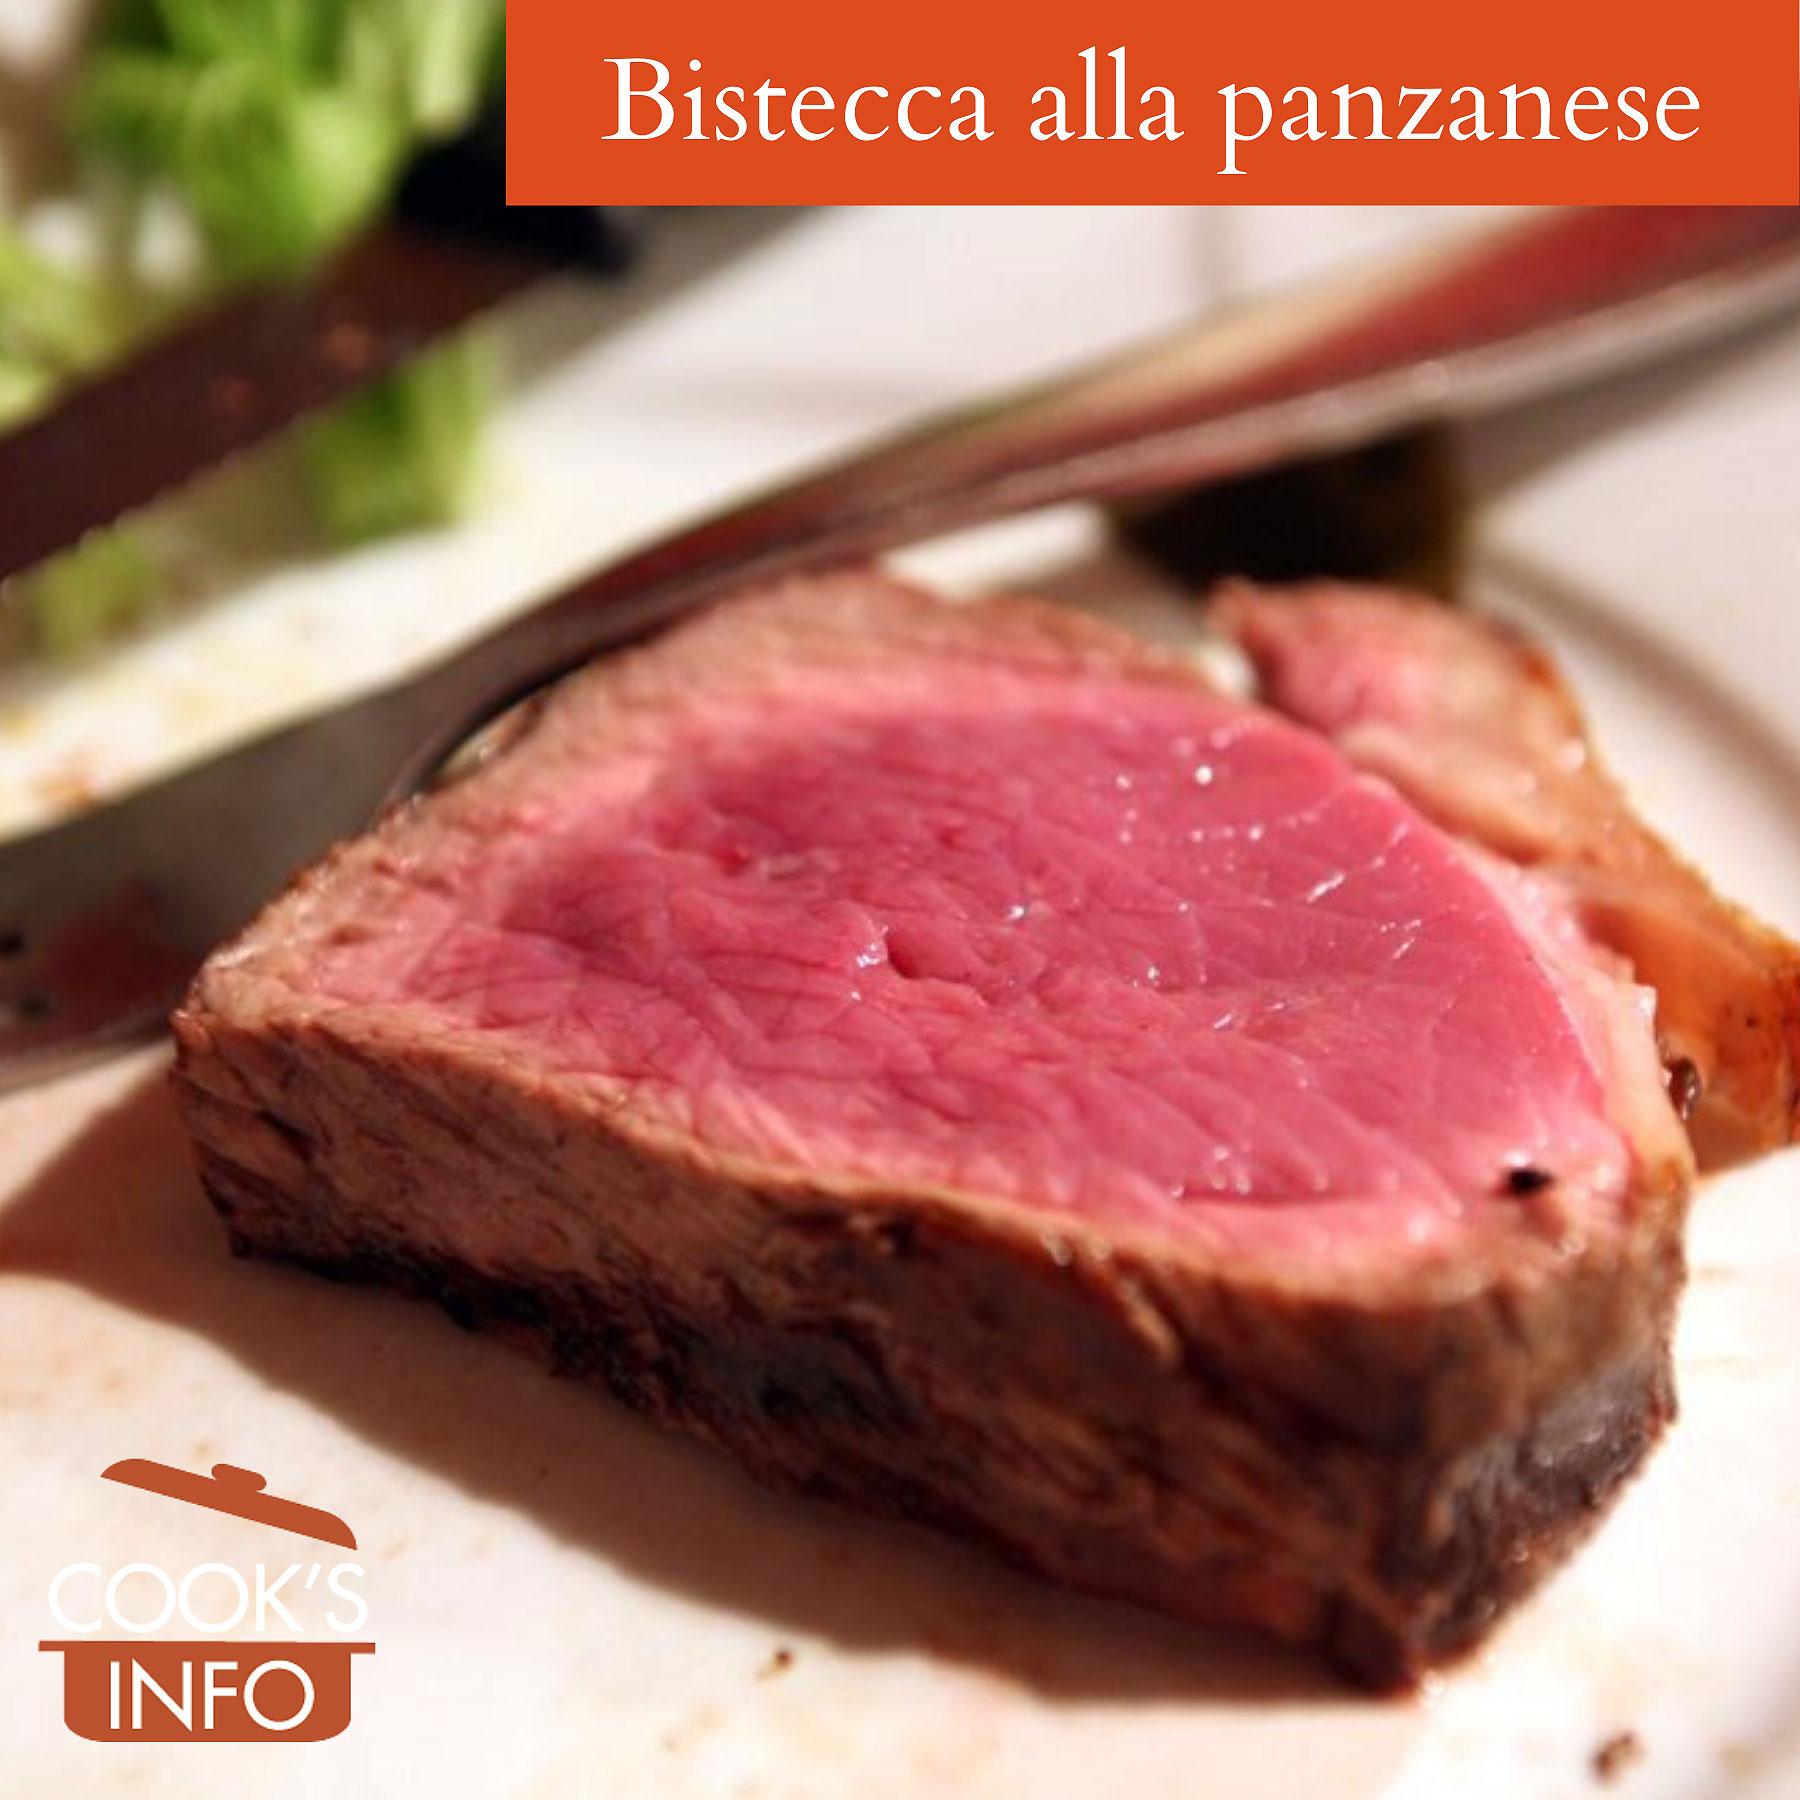 Bistecca alla panzanese